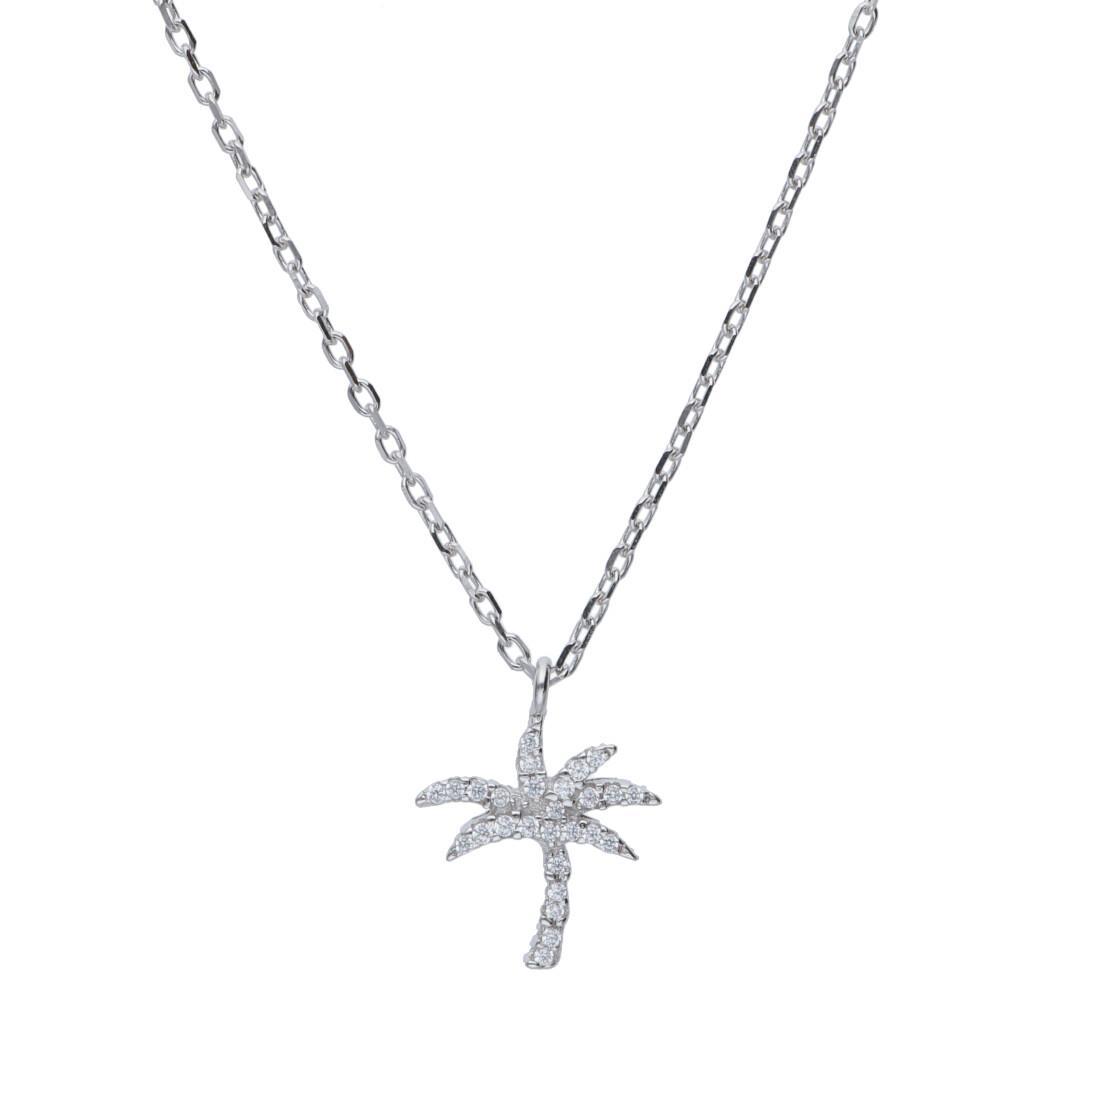 Collana in argento con pendente palma - ORO&CO 925